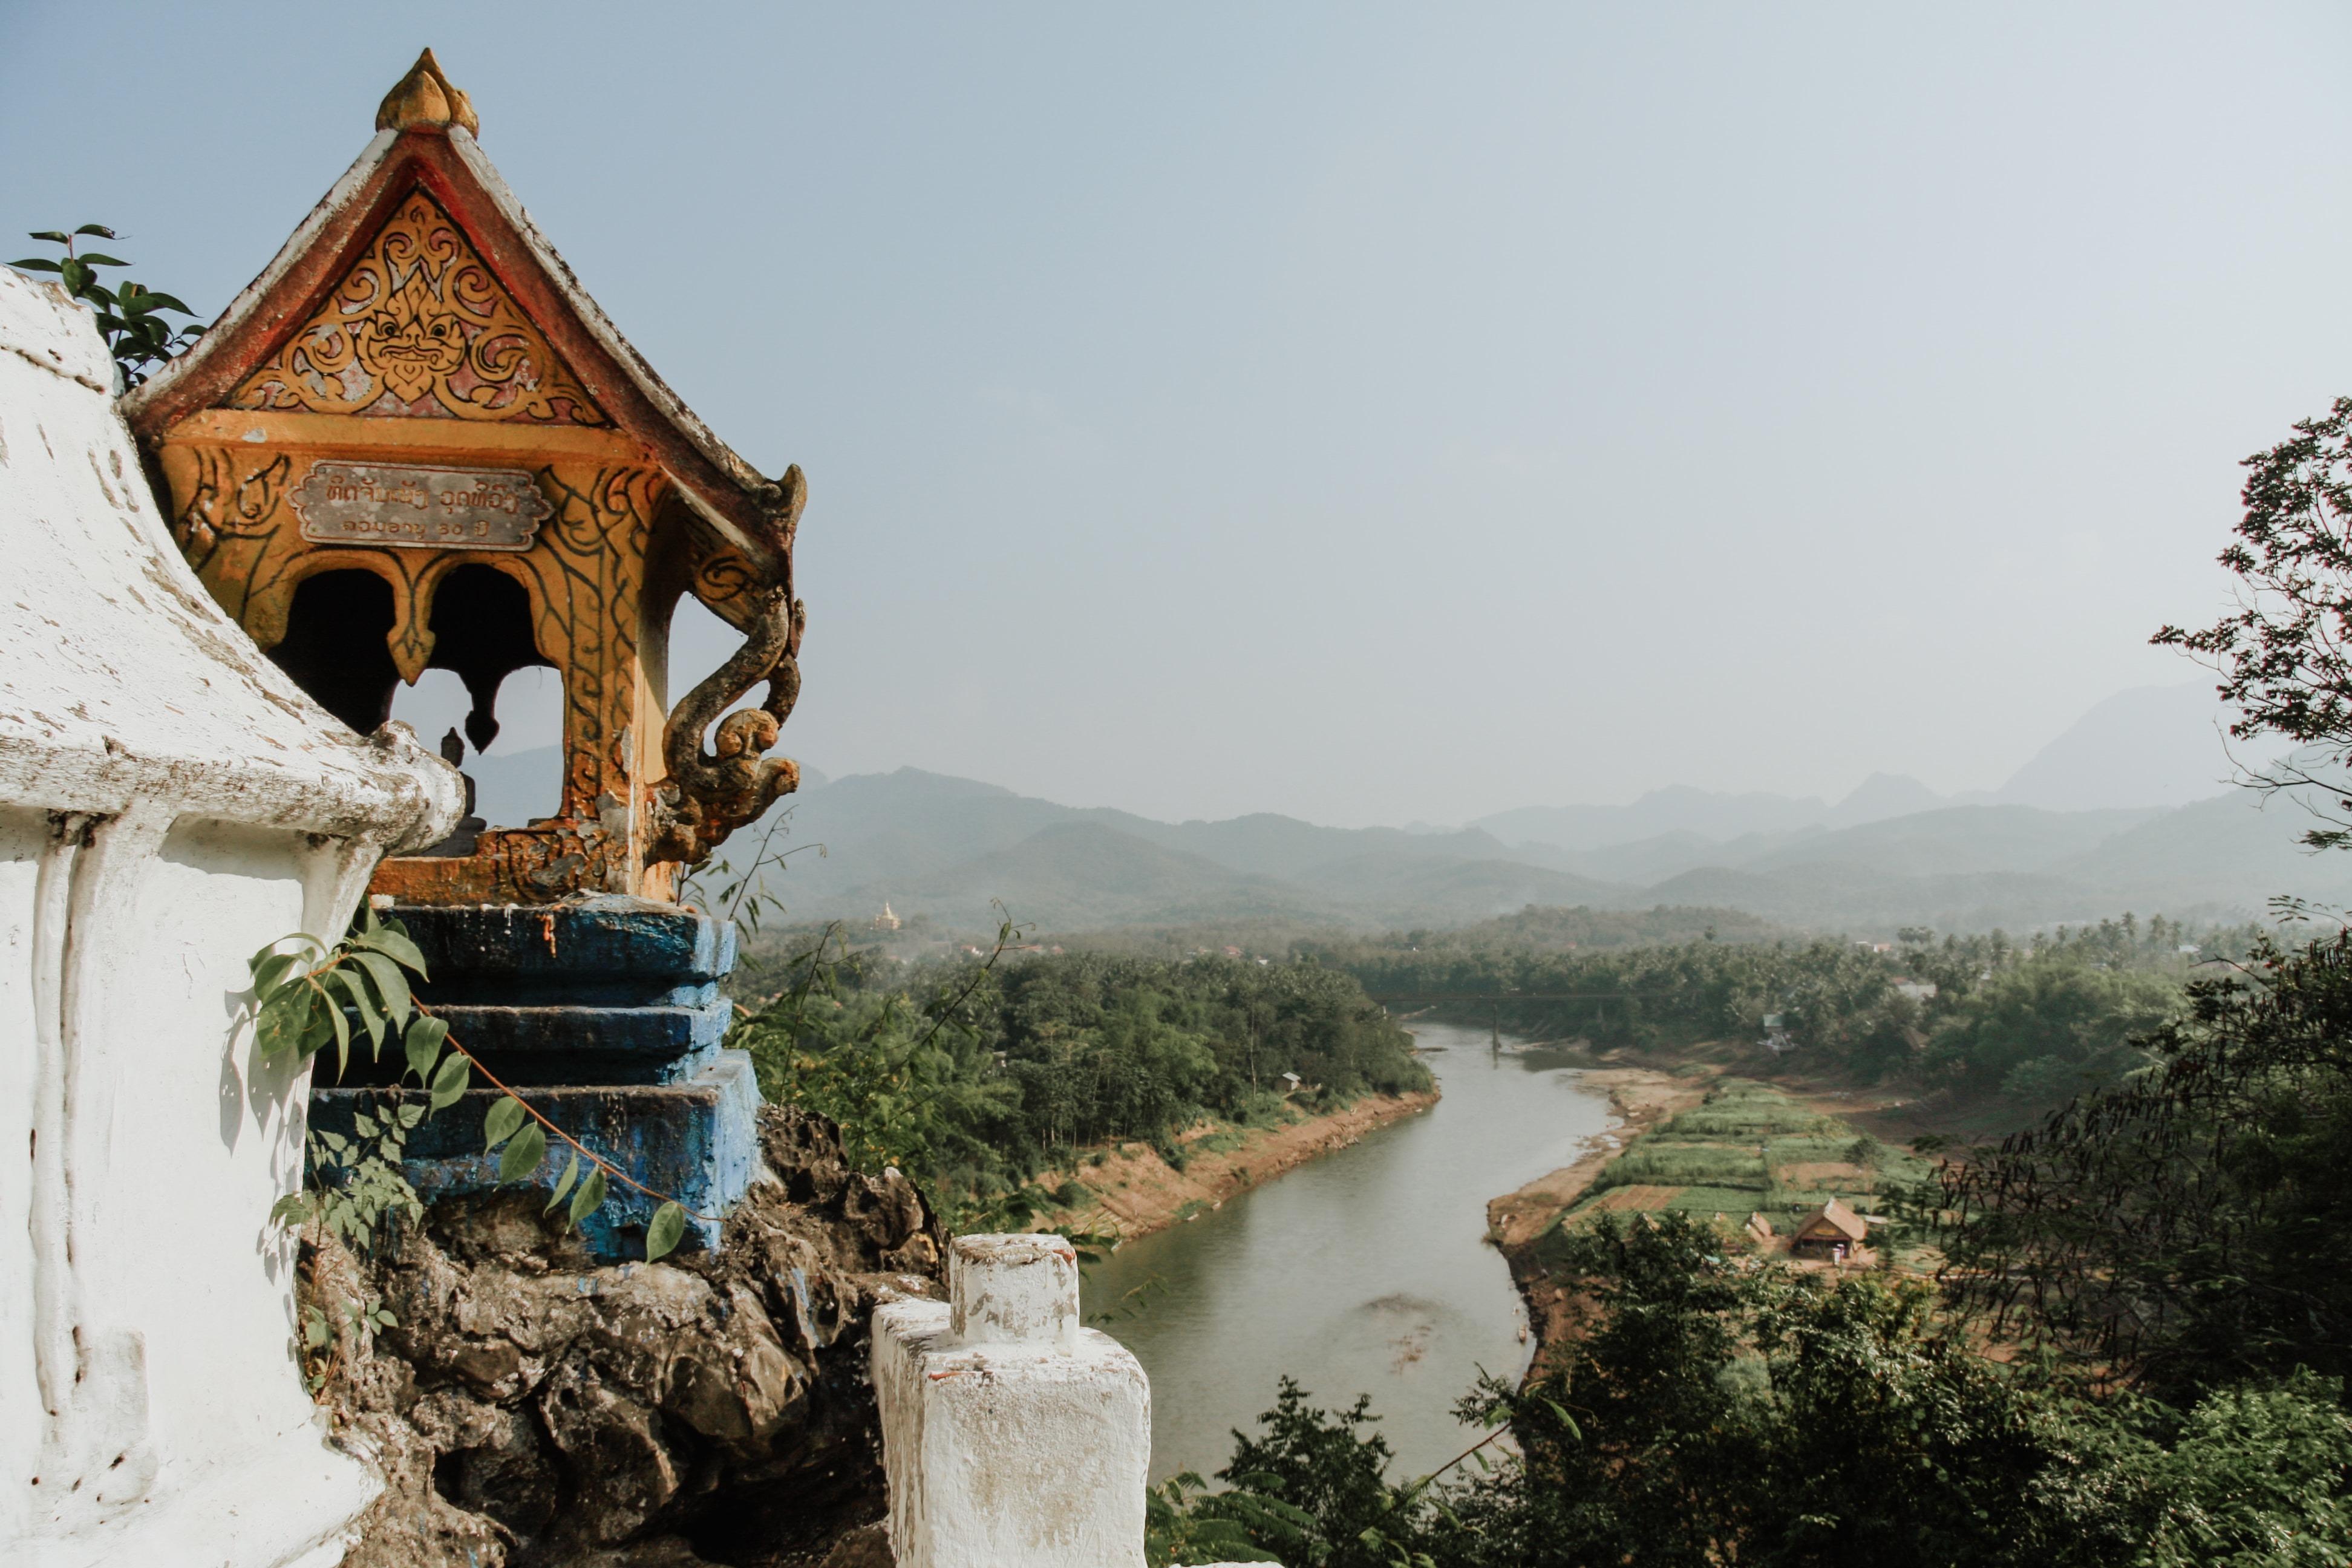 Mount Phou Si Luang Prabang - 24 Hours in Luang Prabang